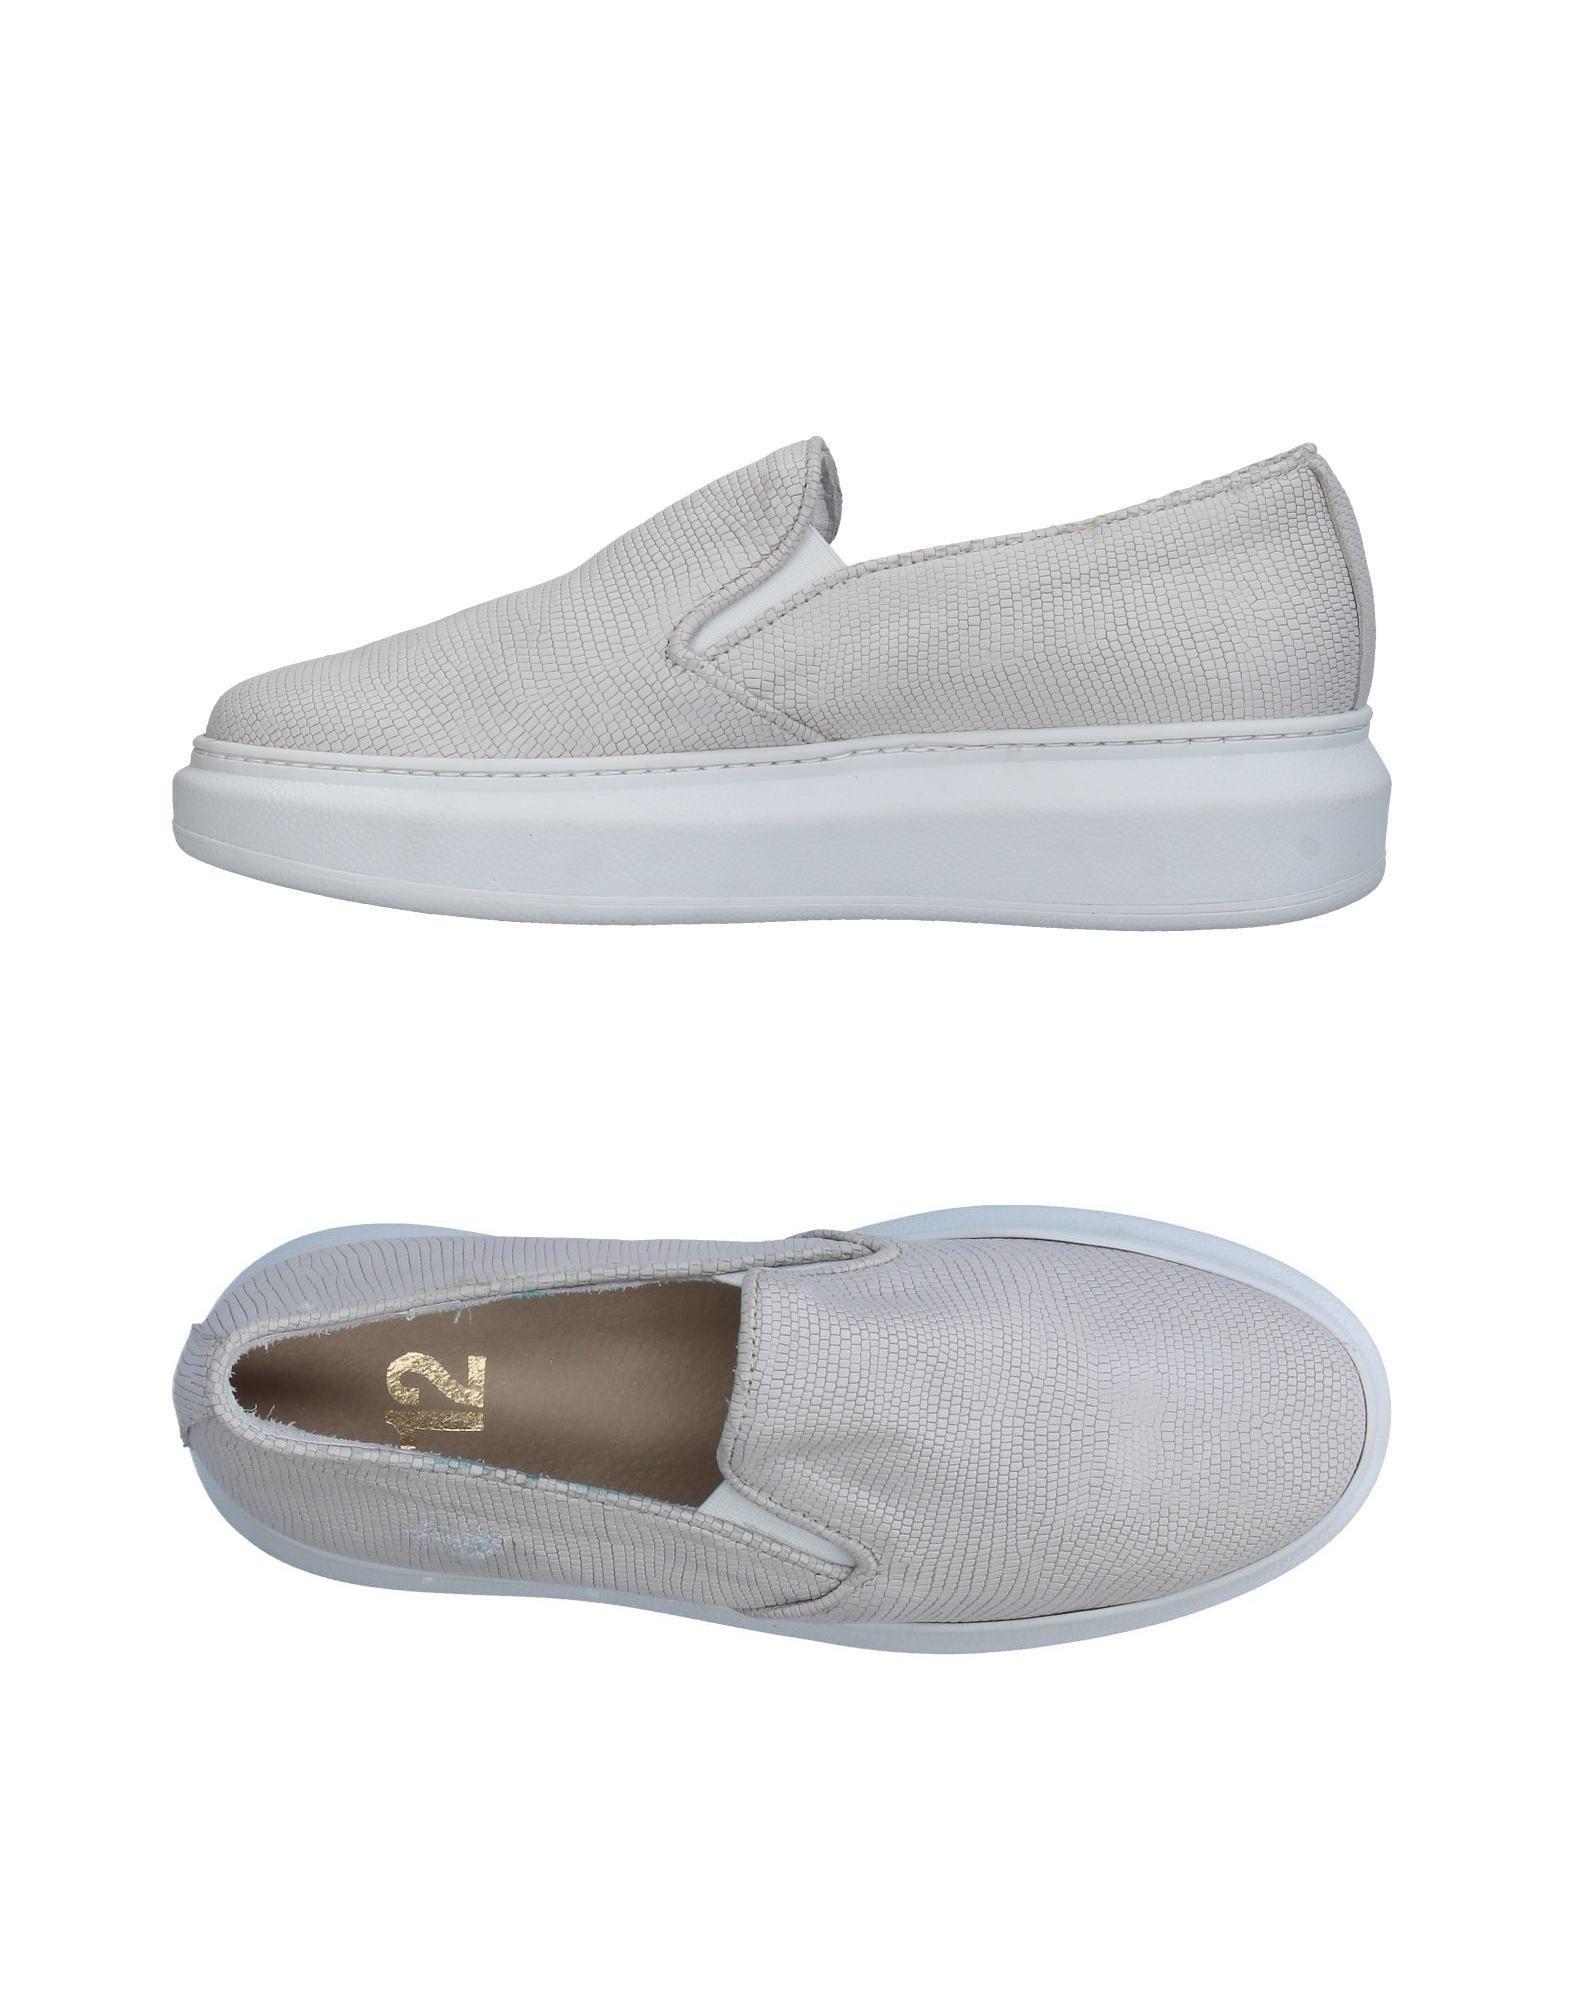 Scarpe economiche e resistenti Sneakers Tsd12 Donna - 11338213SF